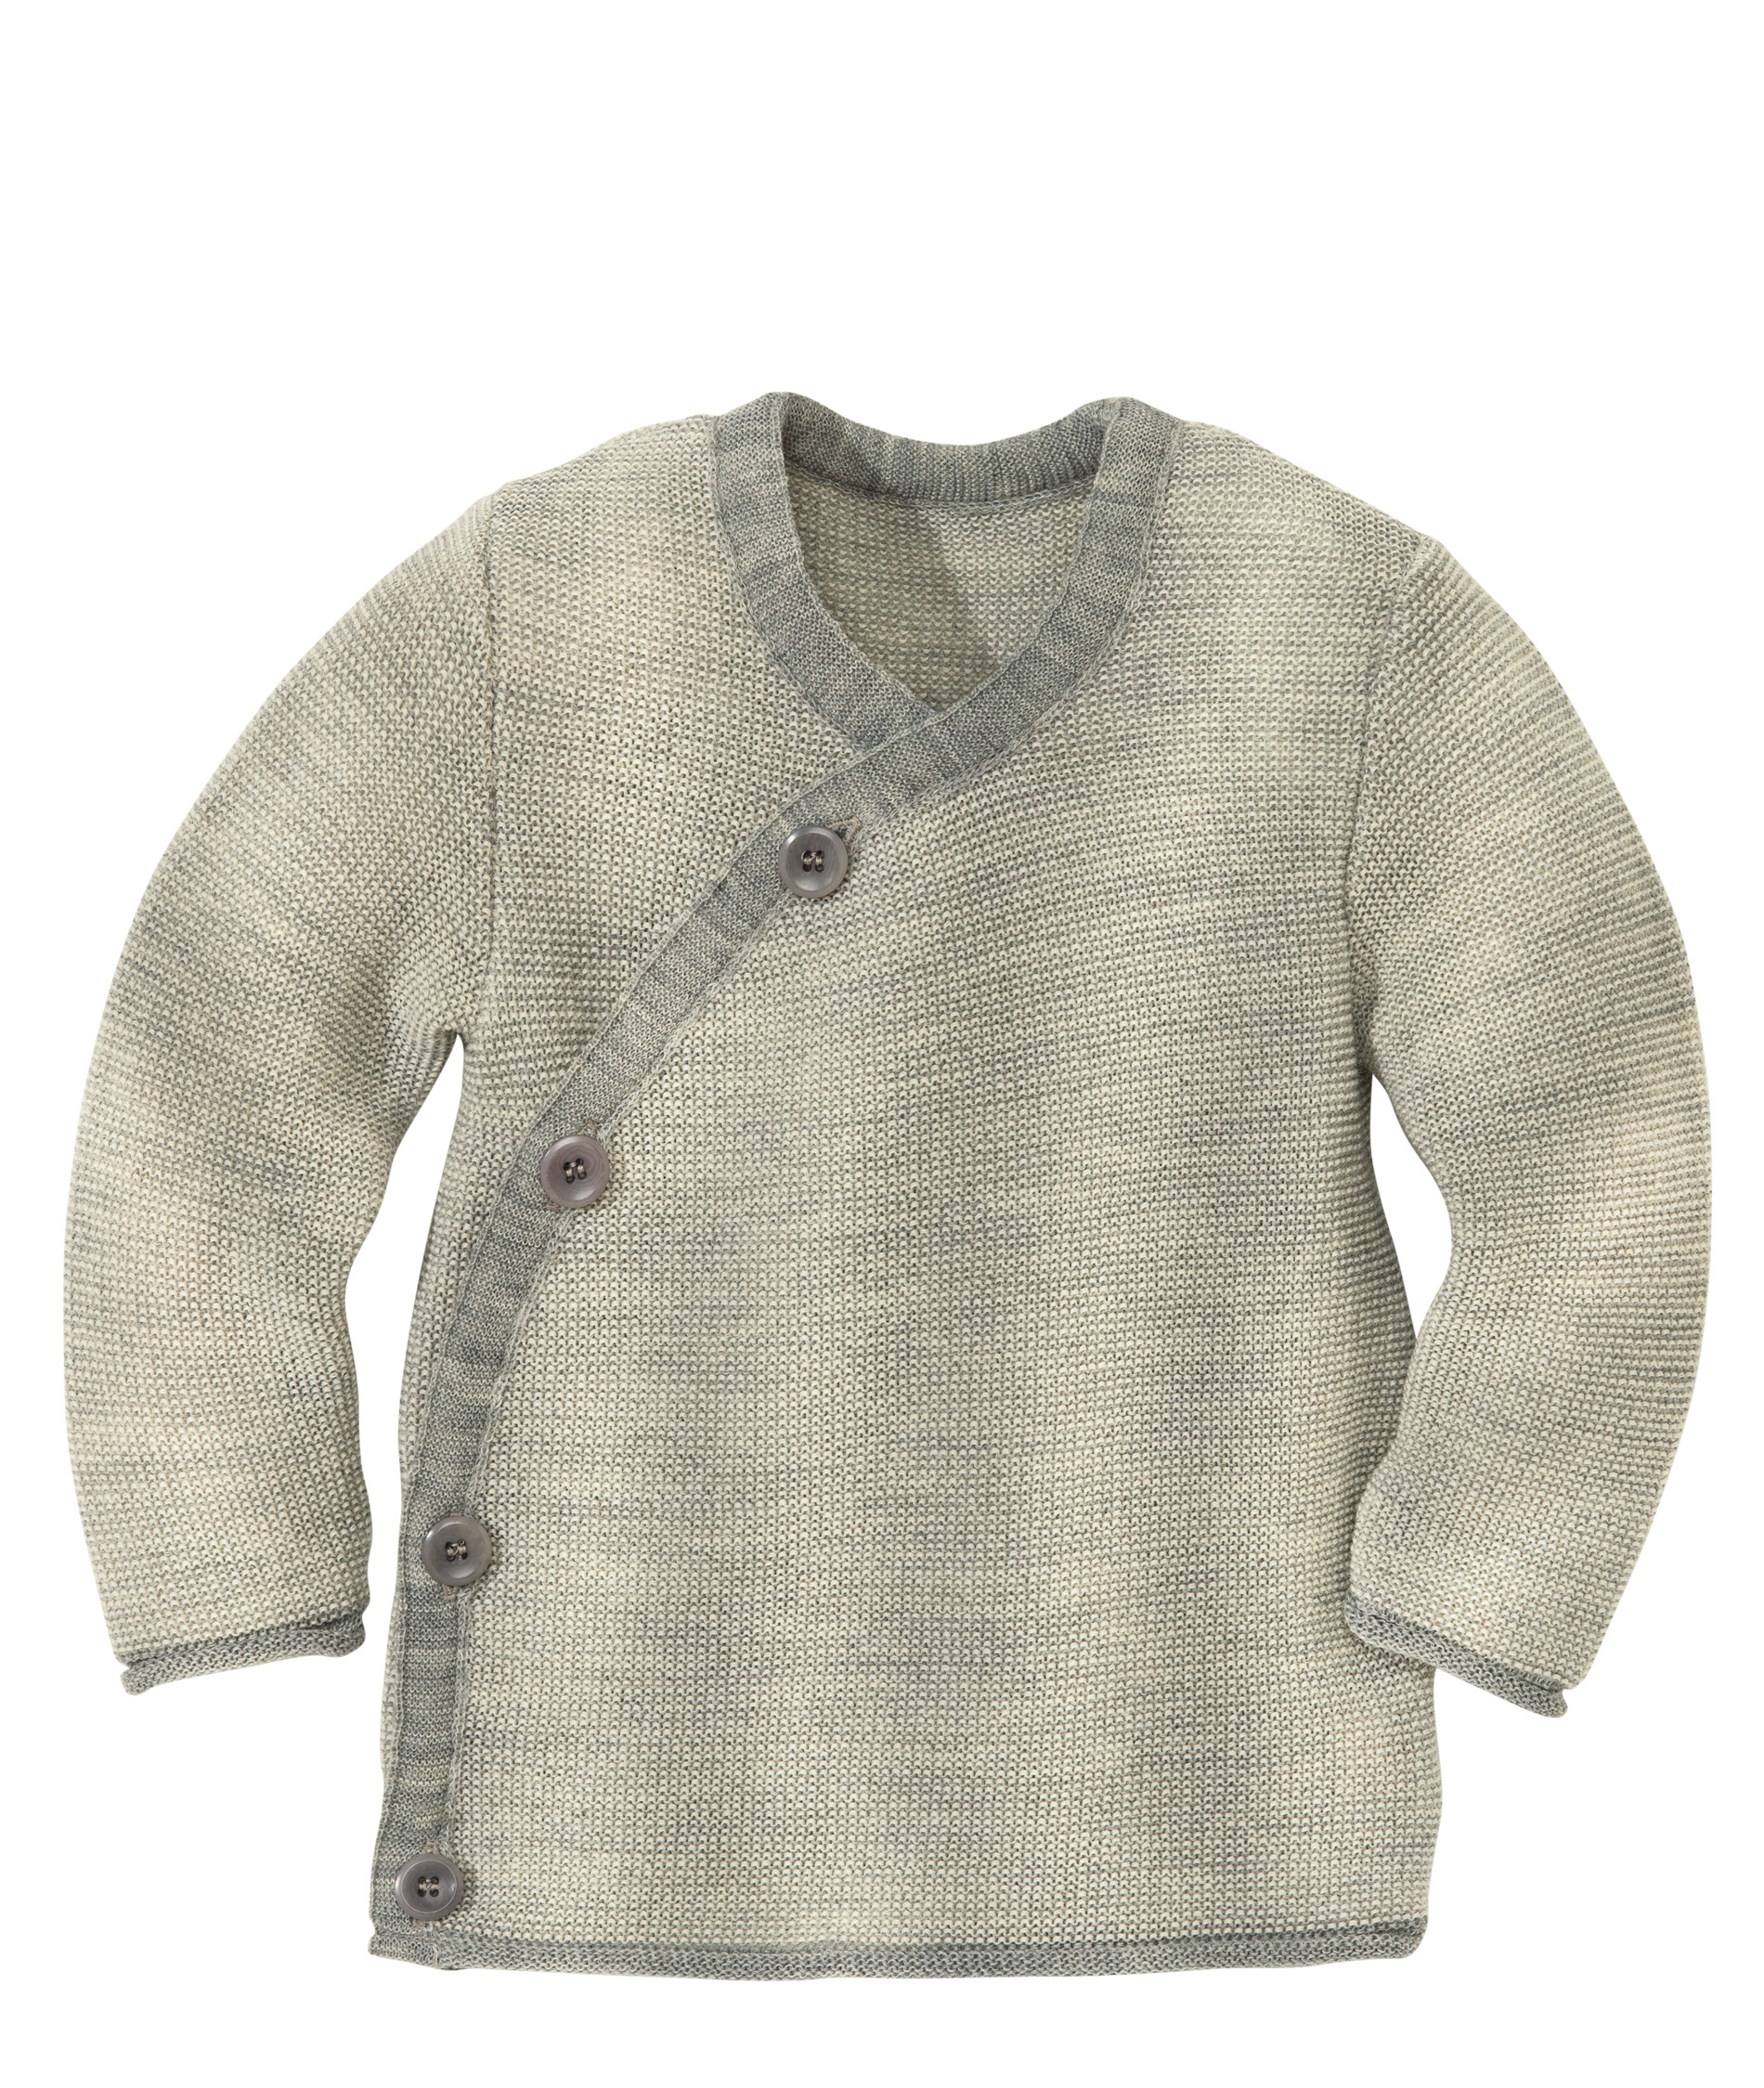 Coup de coeur Disana 21 - Gilet cache coeur bébé 100% laine mérinos bio